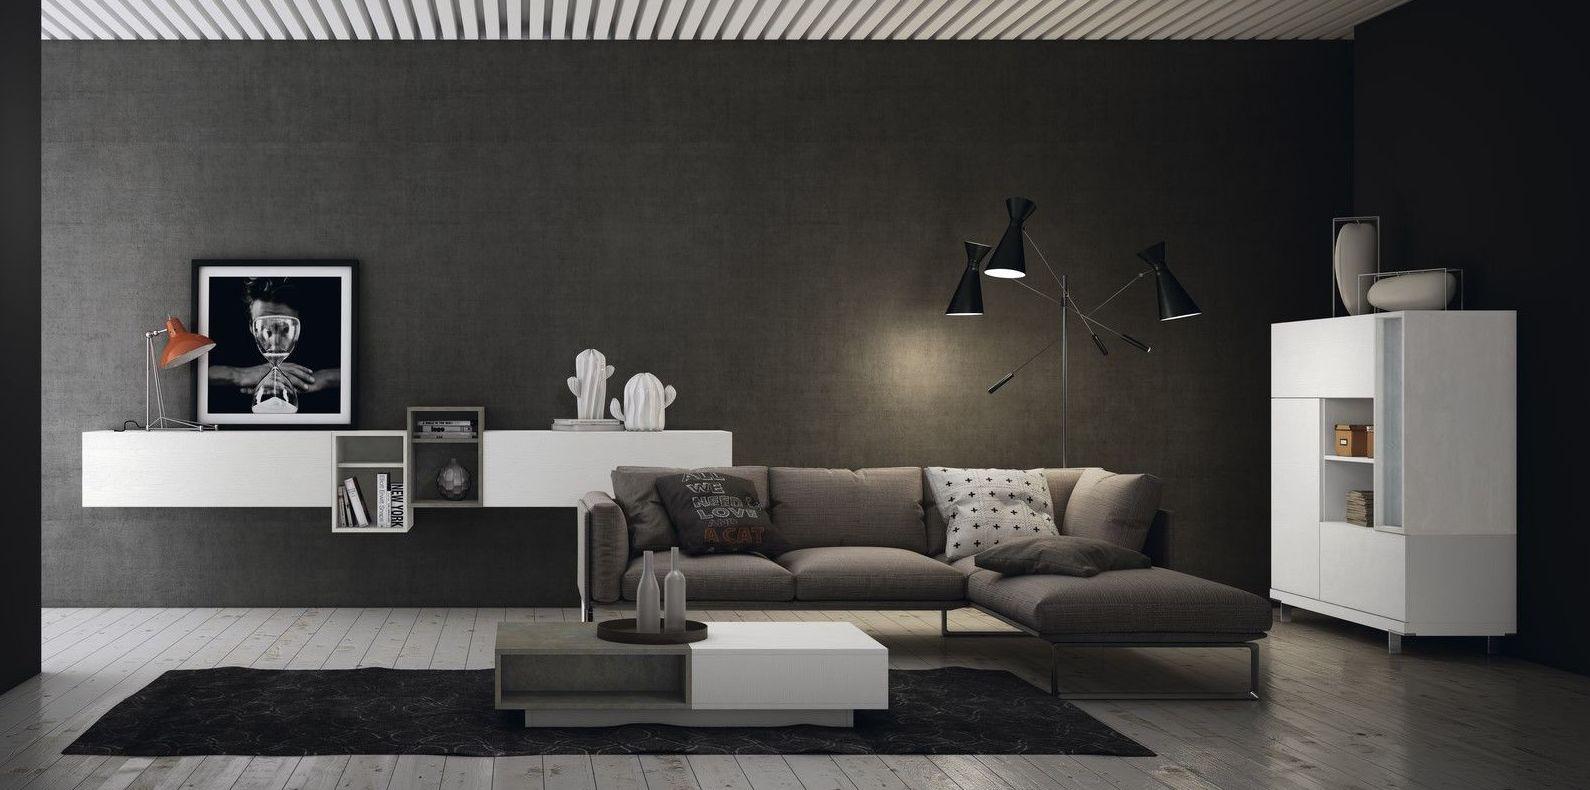 Foto 35 de Muebles y decoración en València | ilumueble